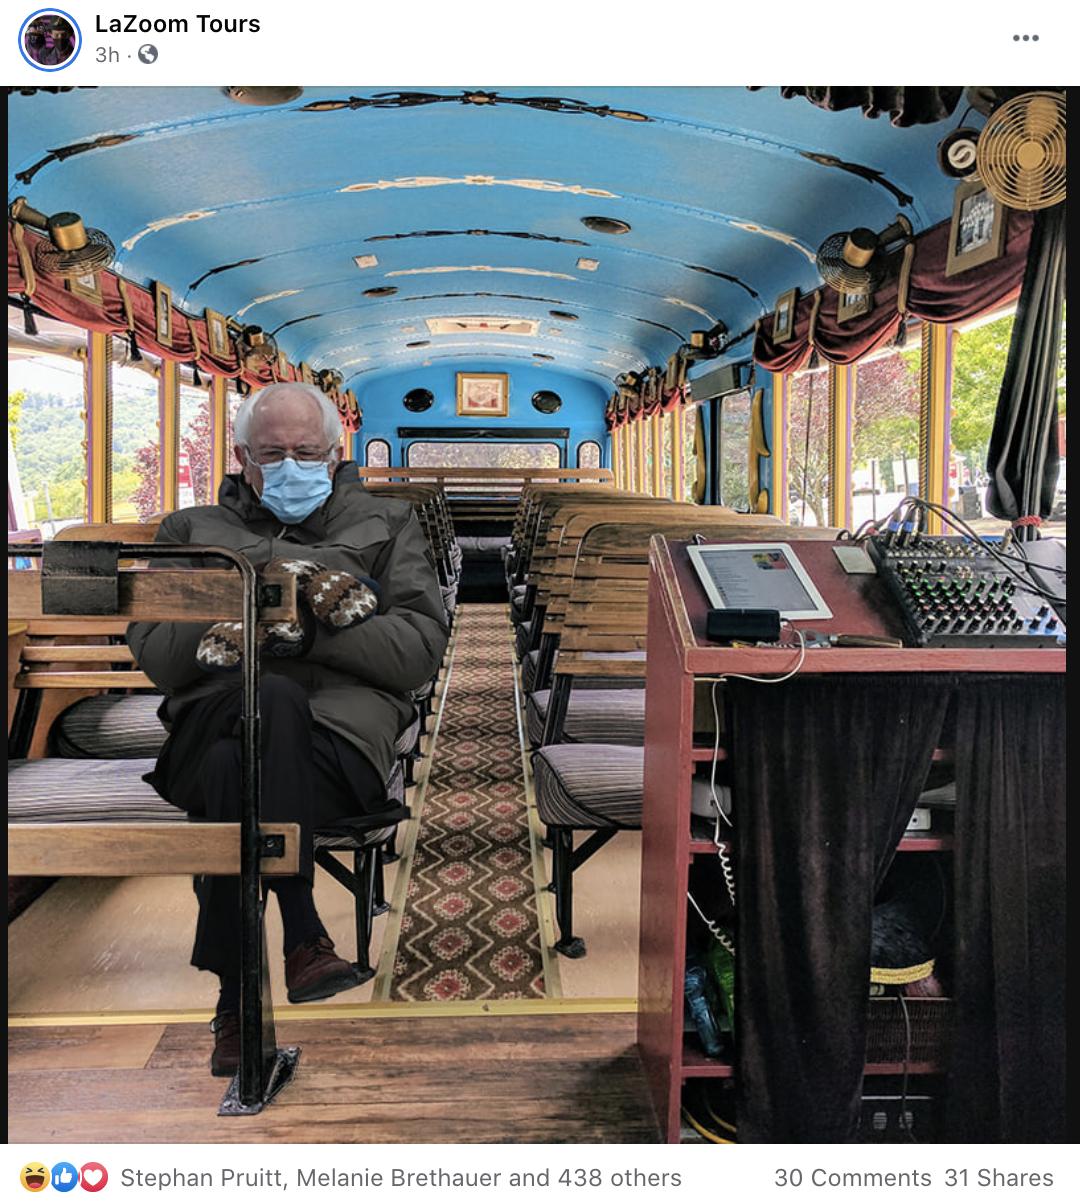 bernie_on_lazoom_bus